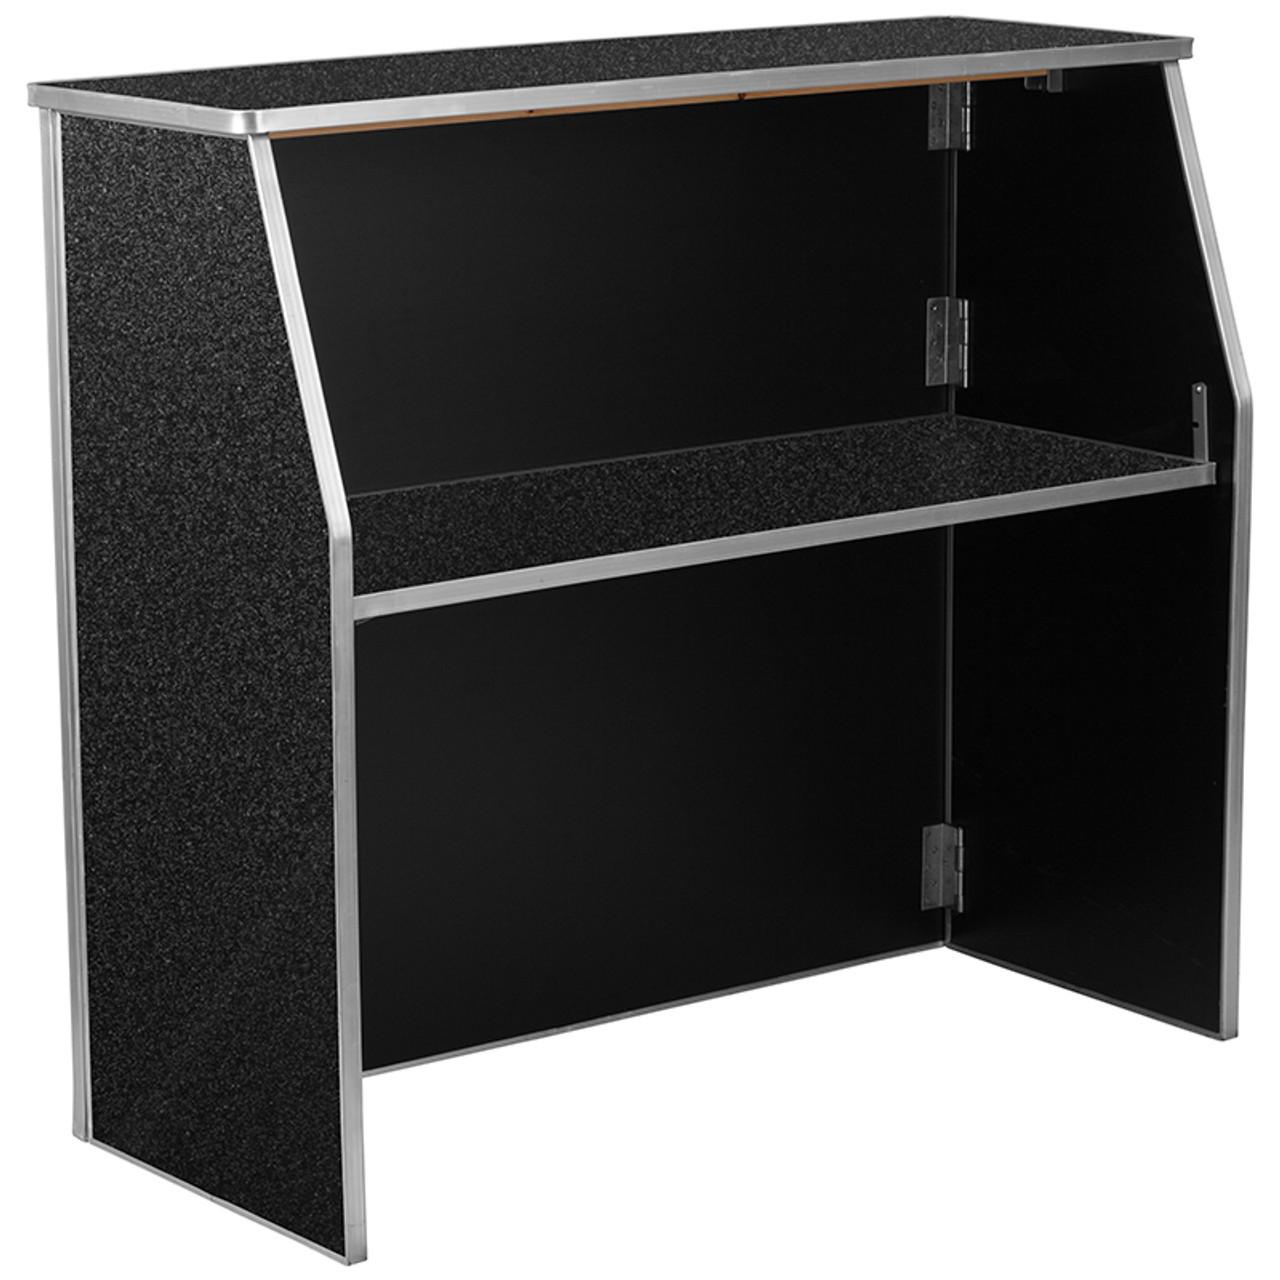 Foldable Bars